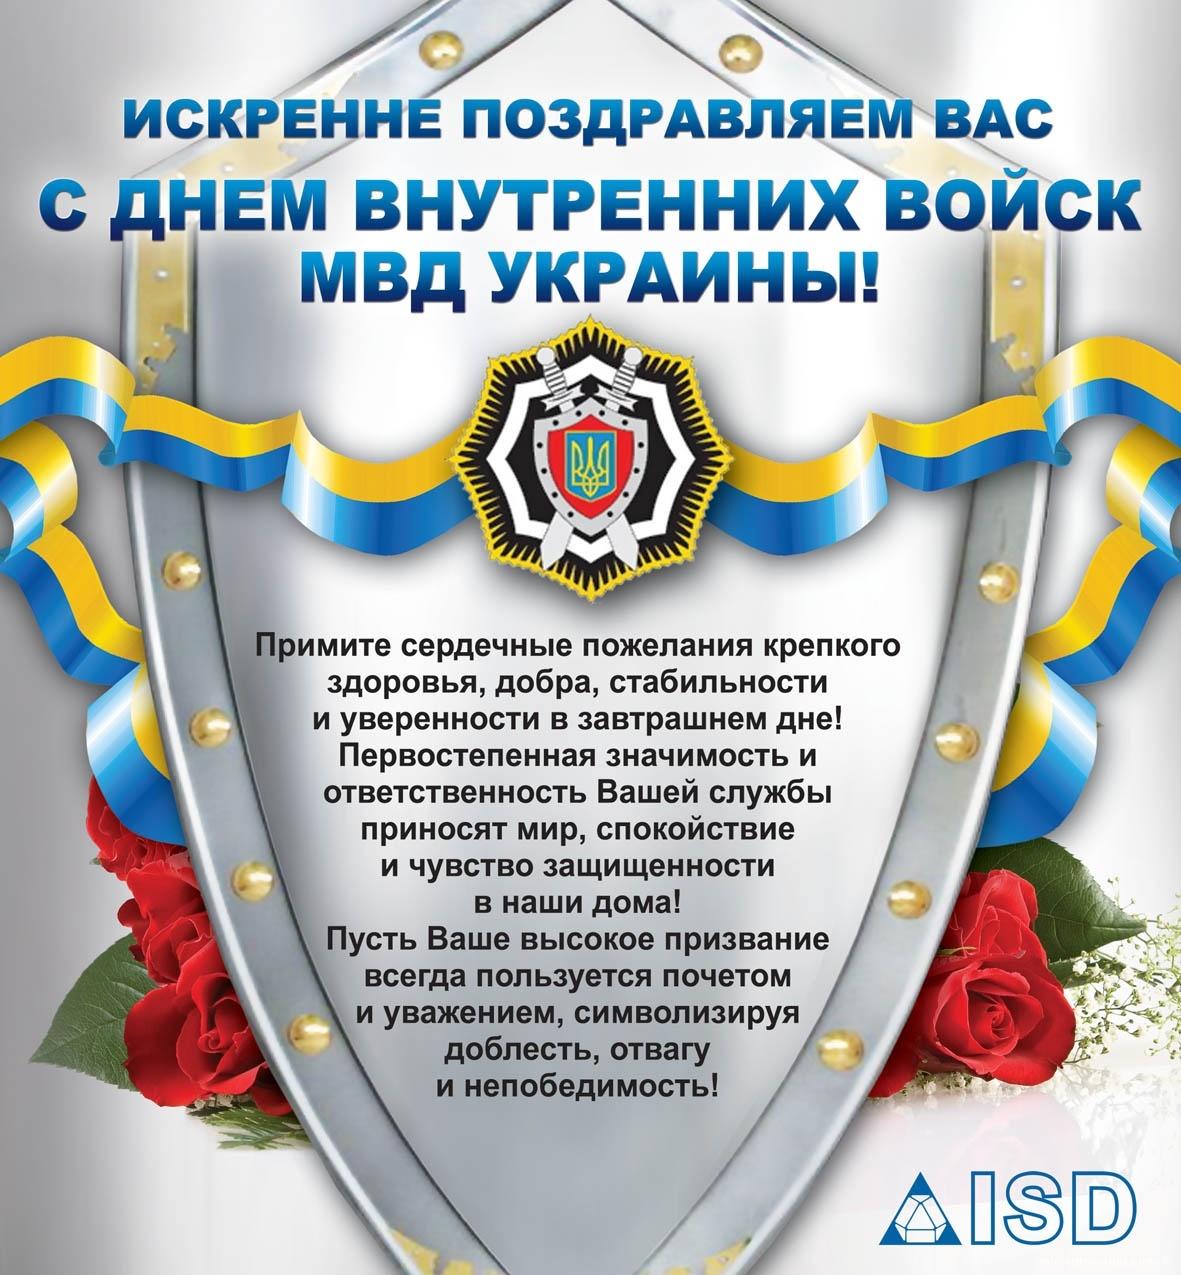 День внутренних войск МВД Украины - 26 марта 2018